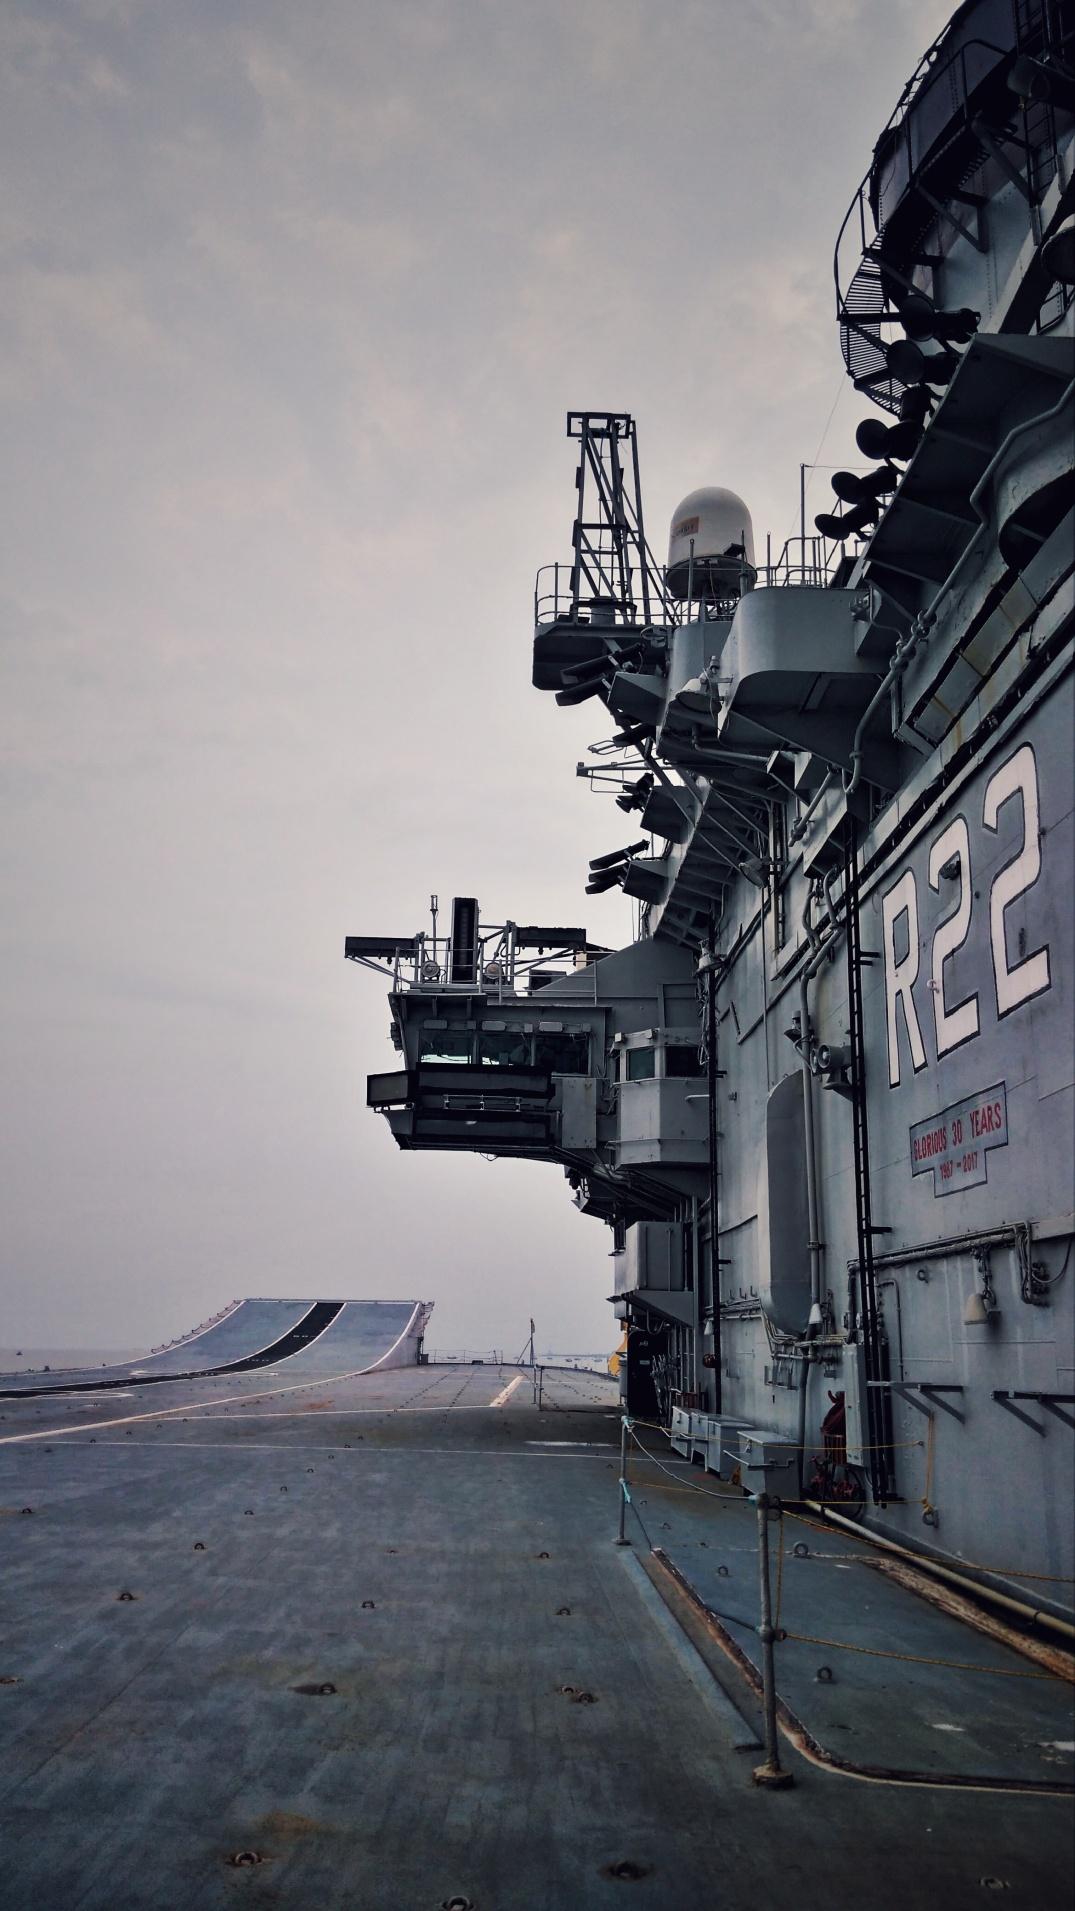 The flight deck of INS Viraat